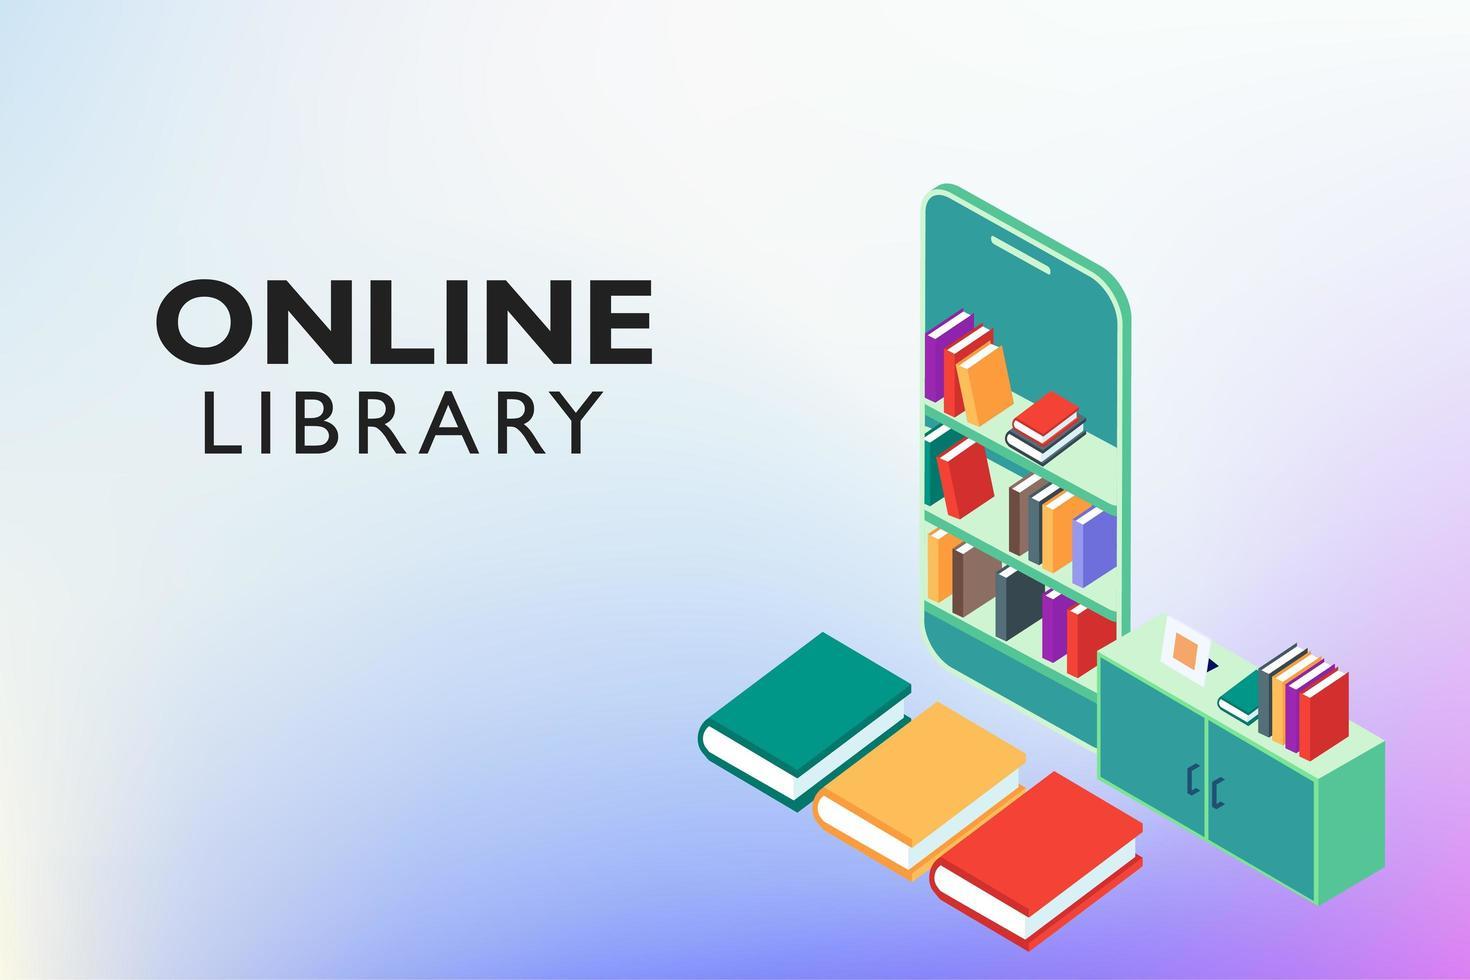 online digitale bibliotheekonderwijs vector